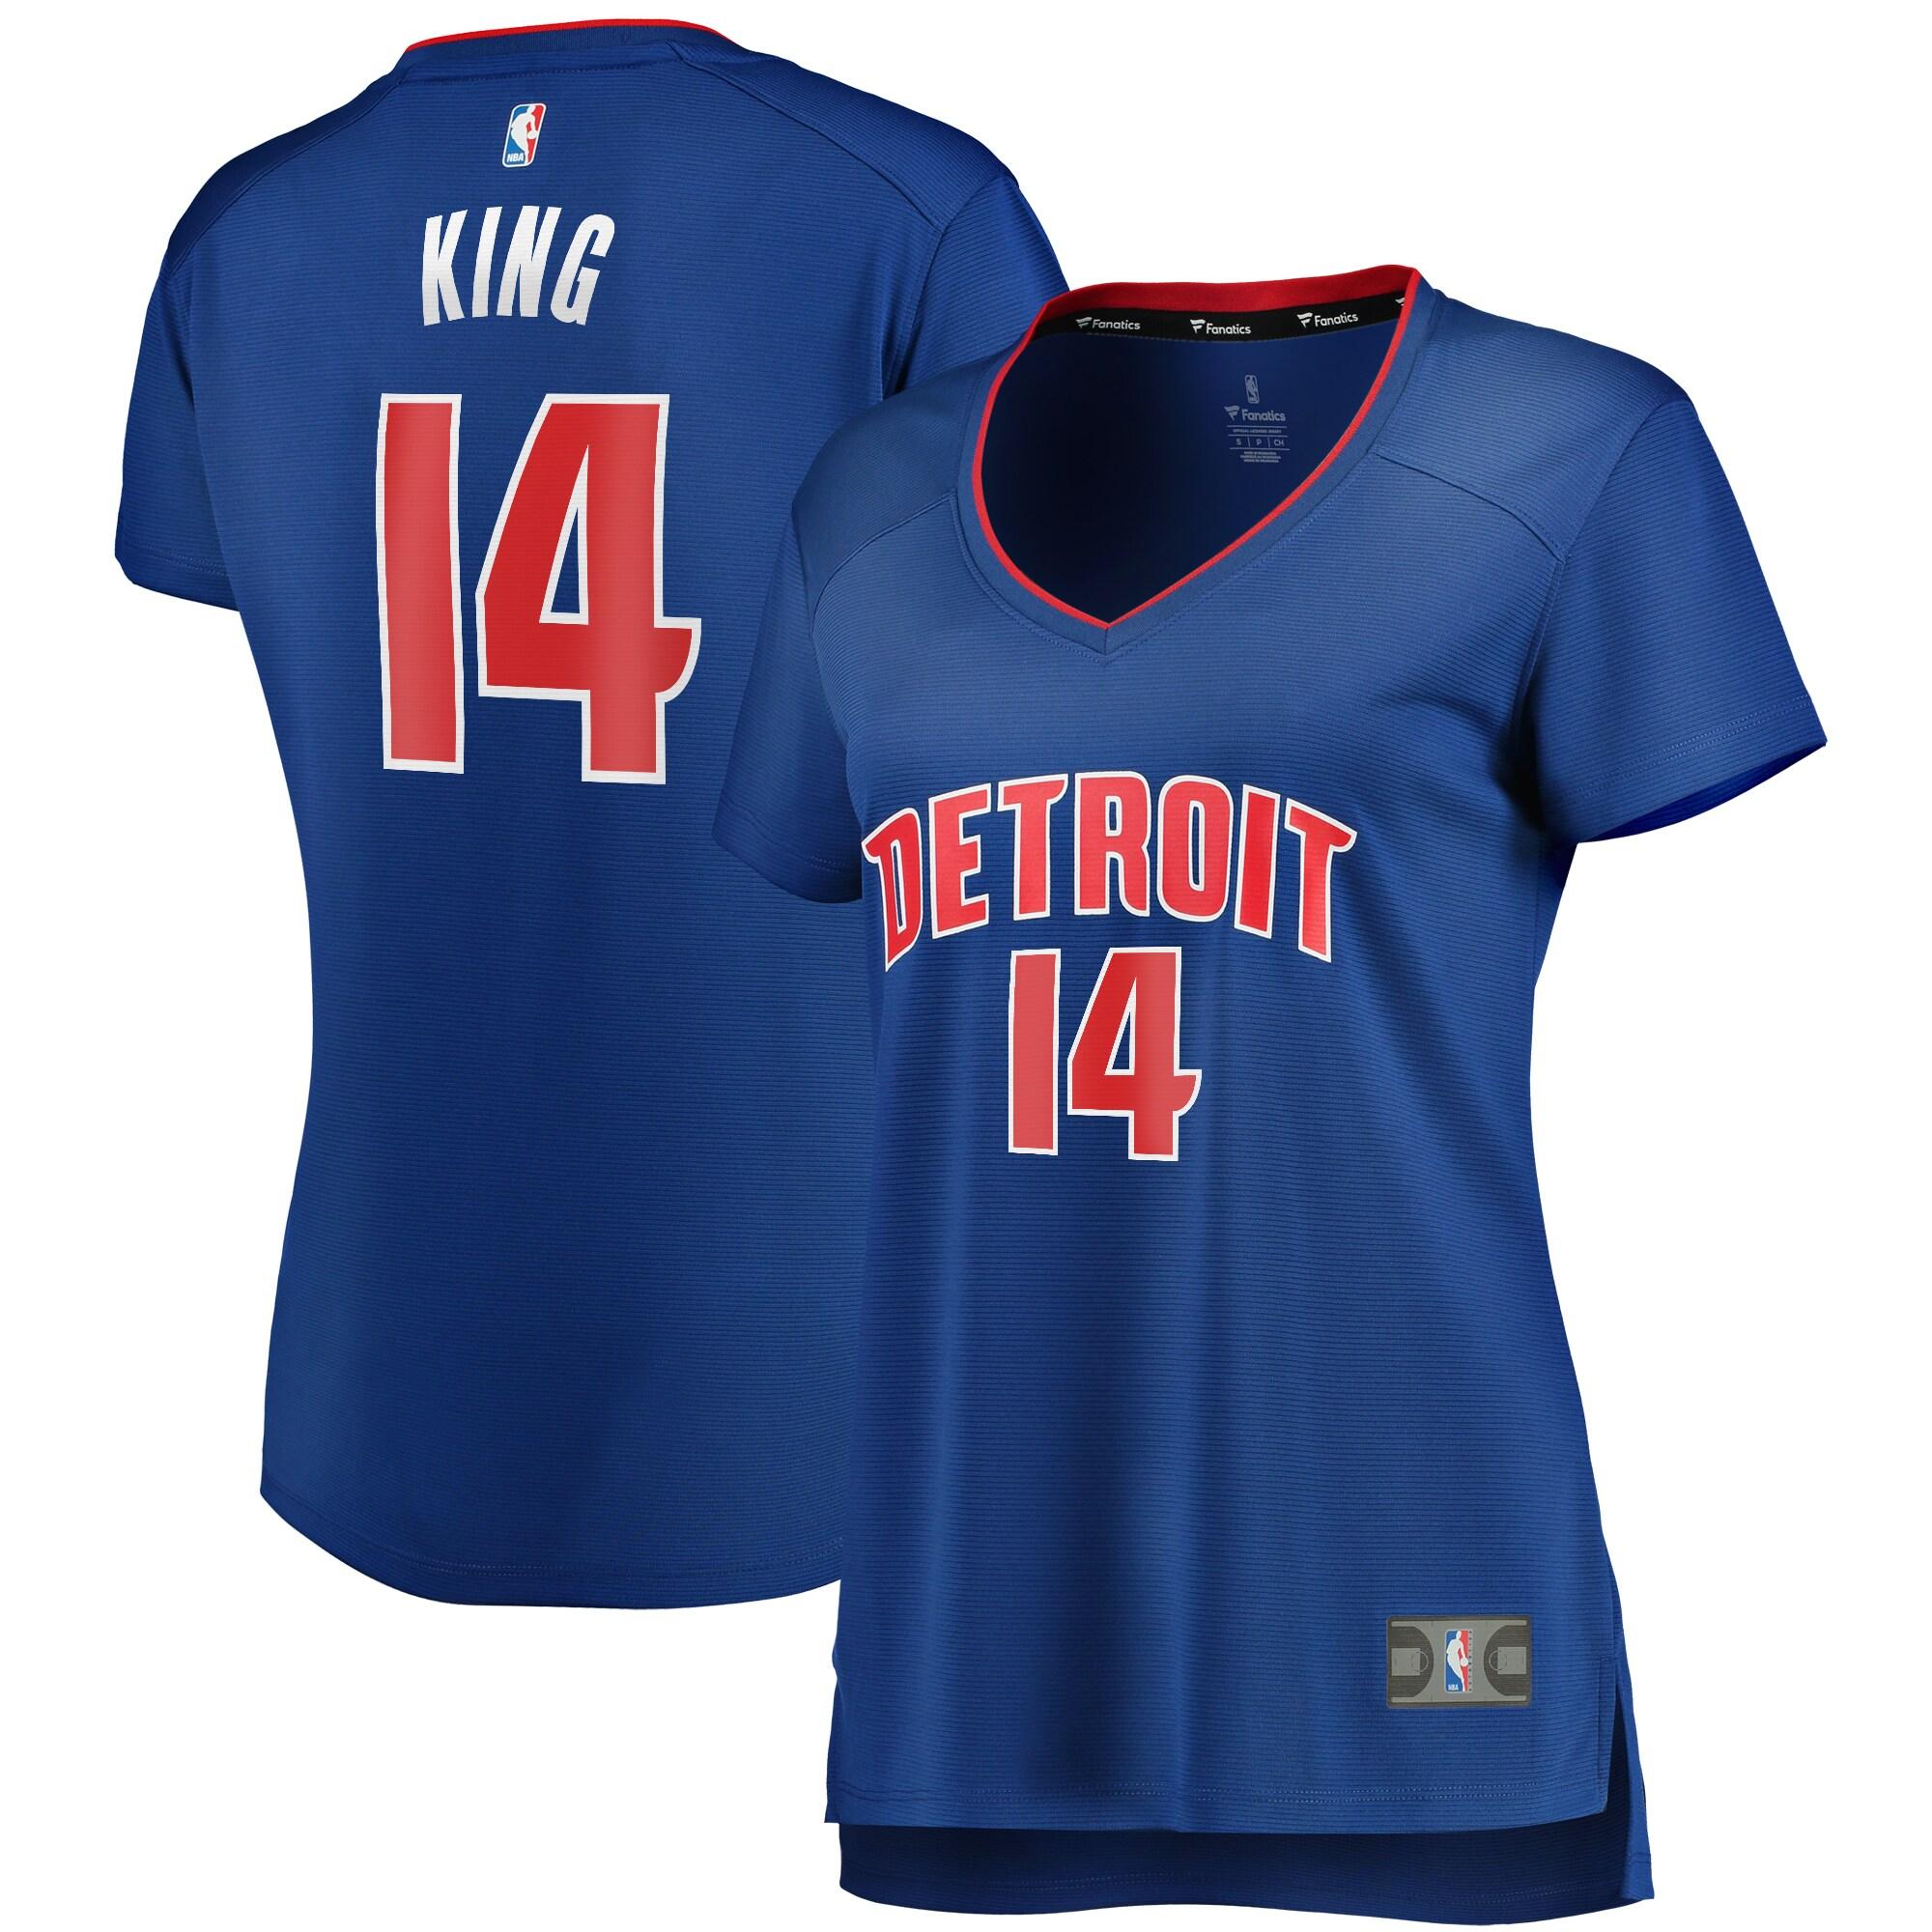 Louis King Detroit Pistons Fanatics Branded Women's Fast Break Replica Jersey Royal - Icon Edition